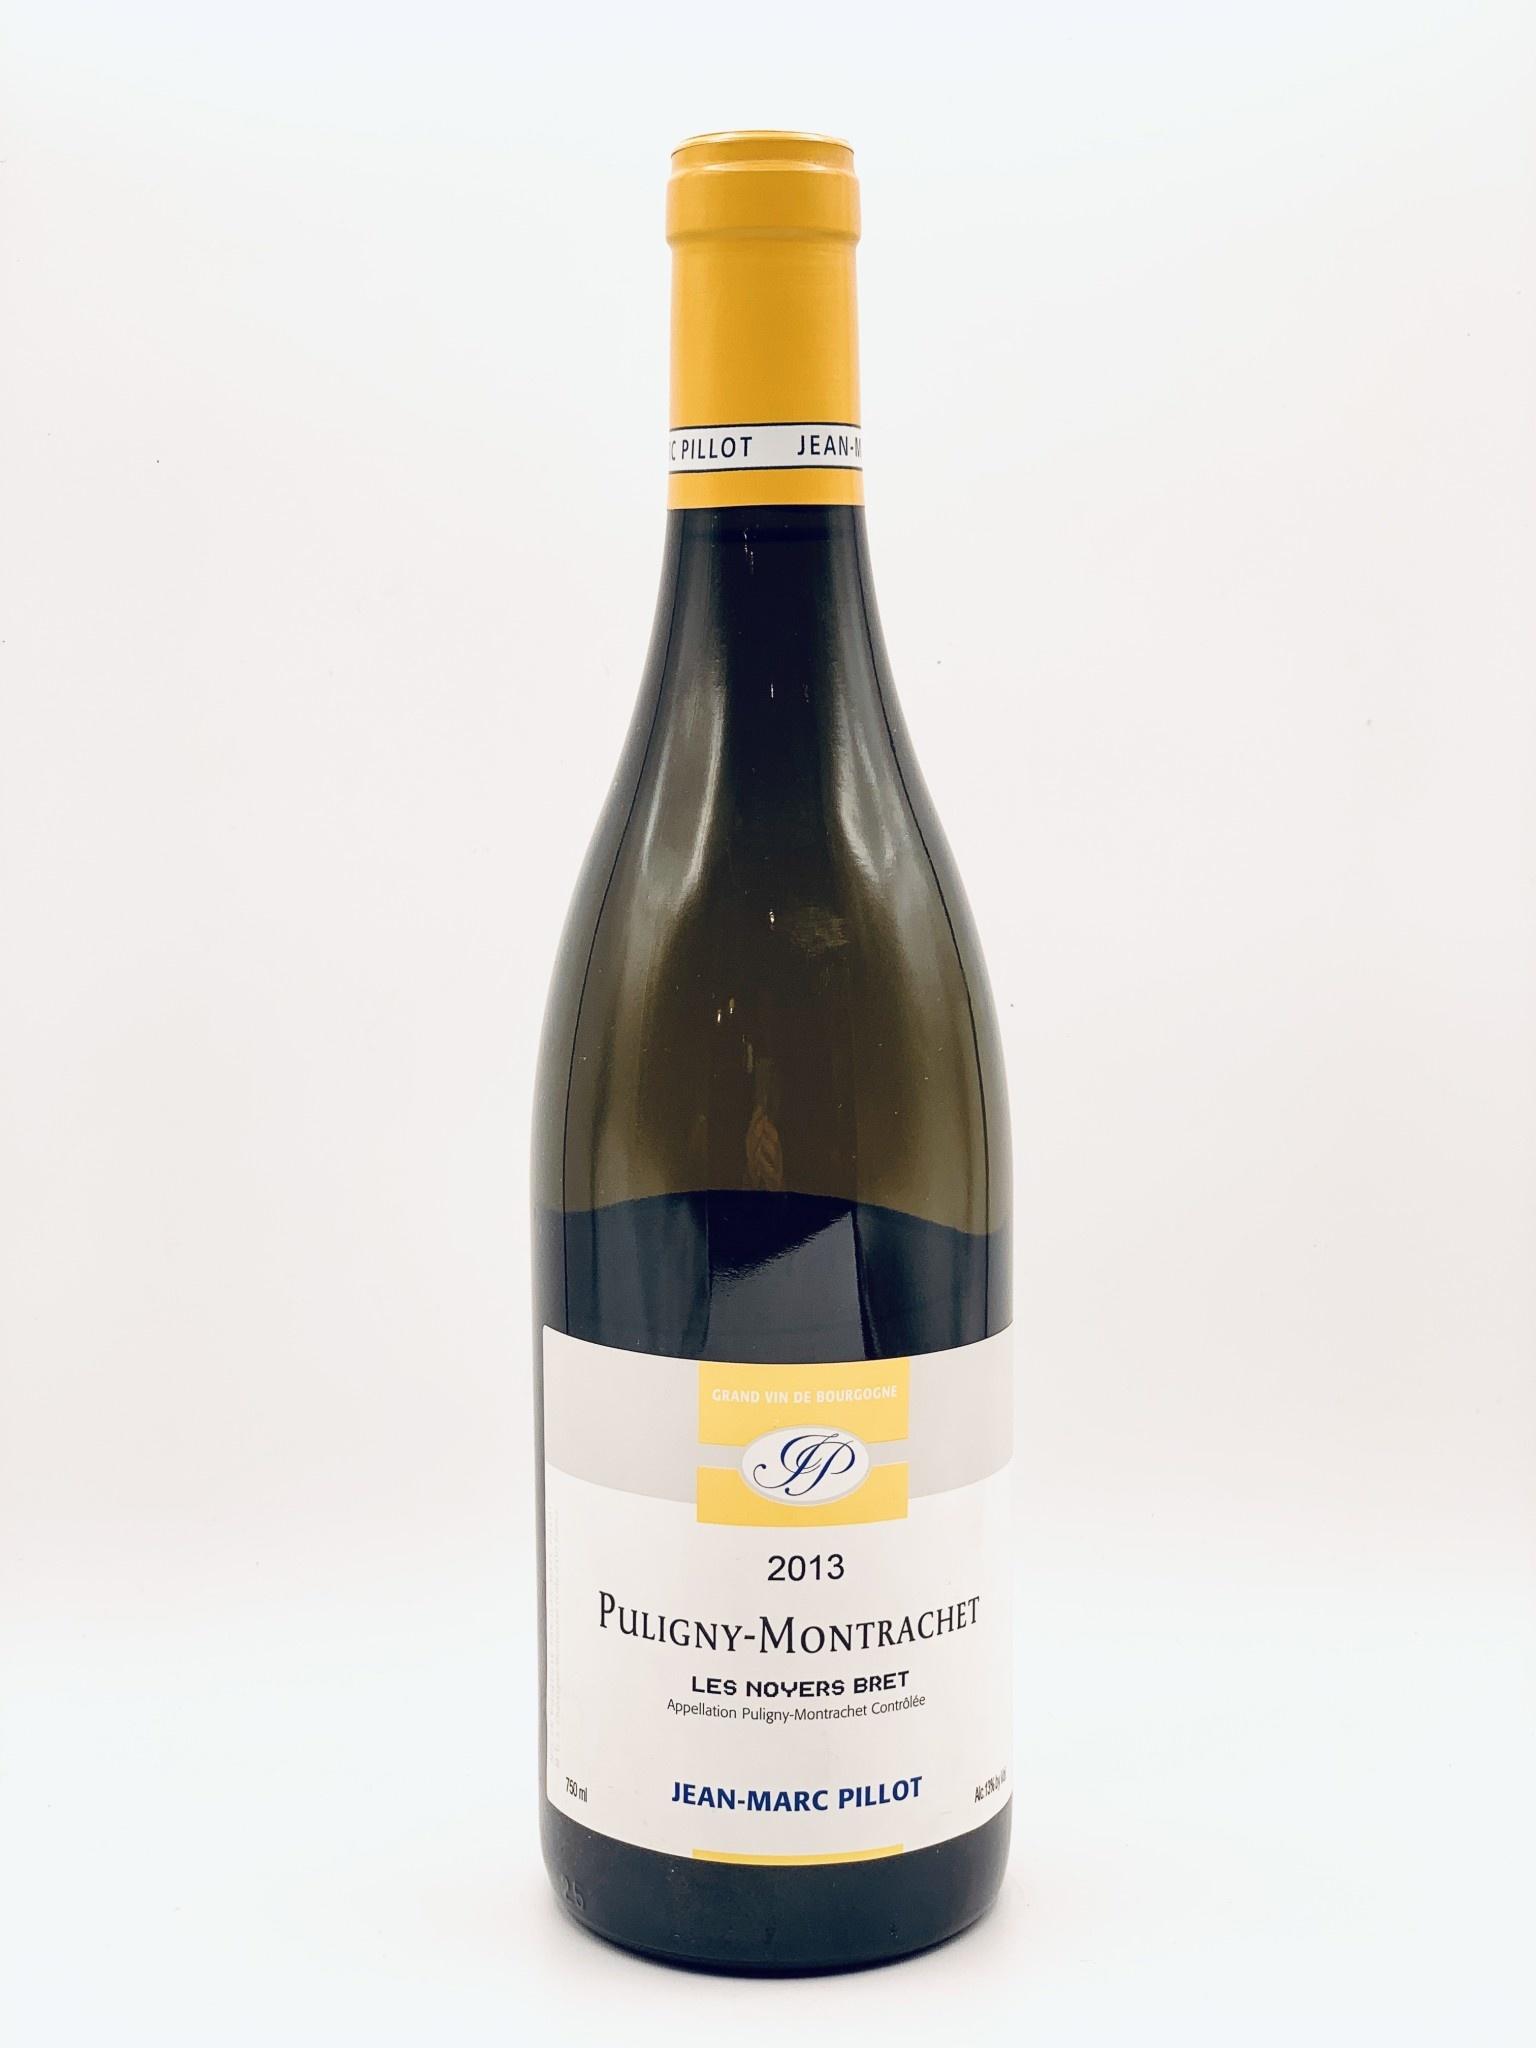 Puligny Montrachet 'Les Noyers Bret' 2013 Domaine Jean Marc Pillot 750ml